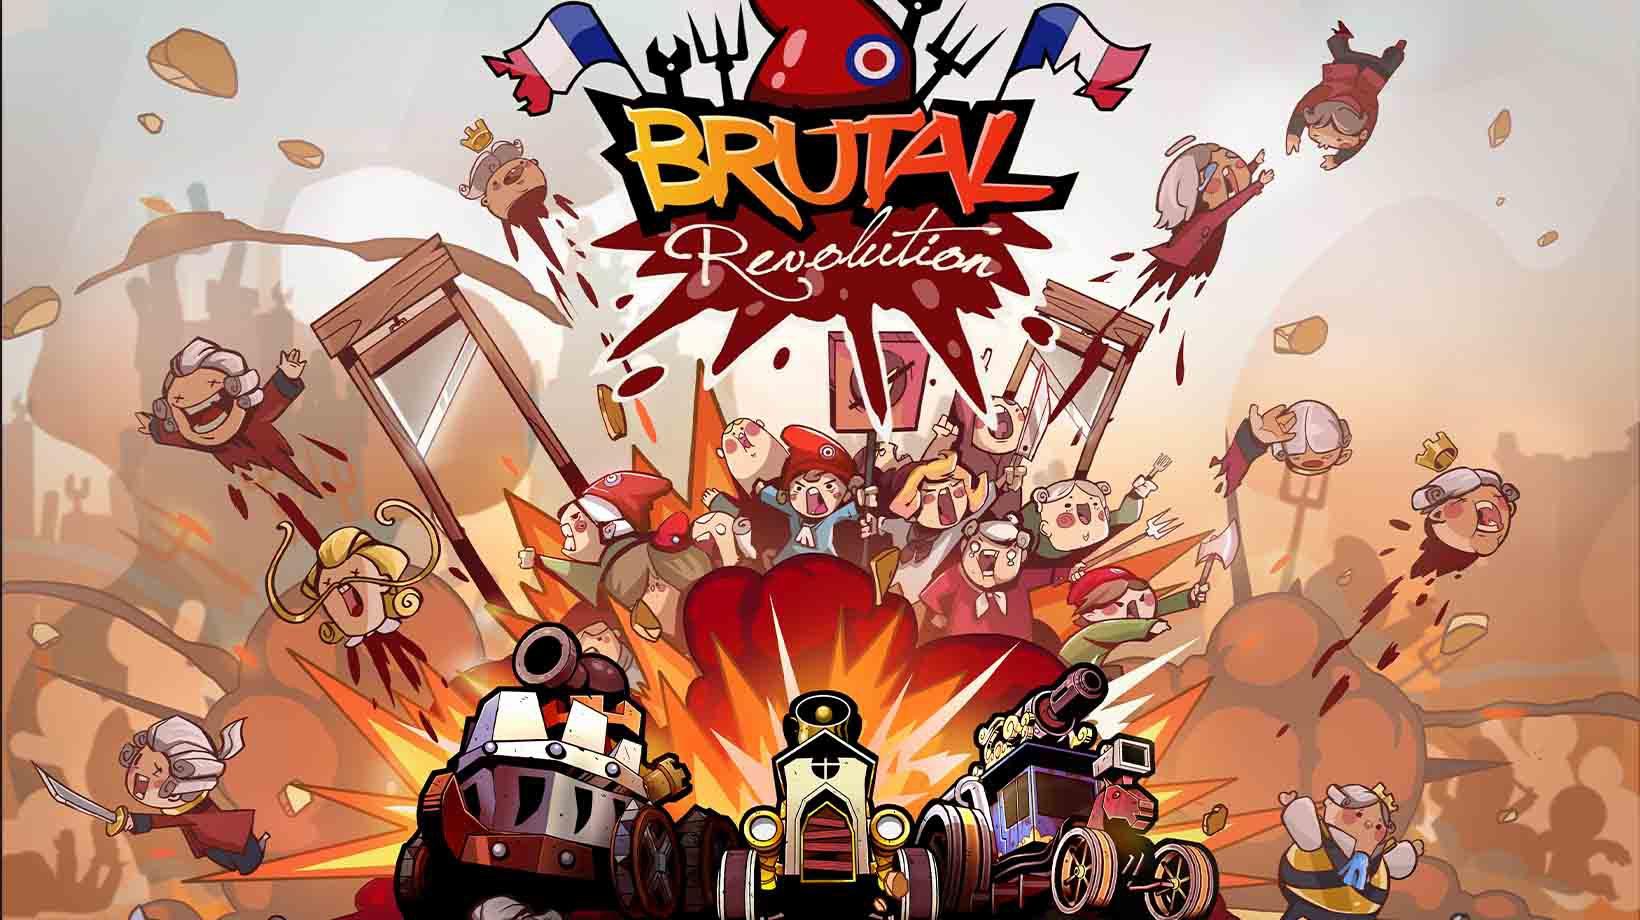 brutal-revolution